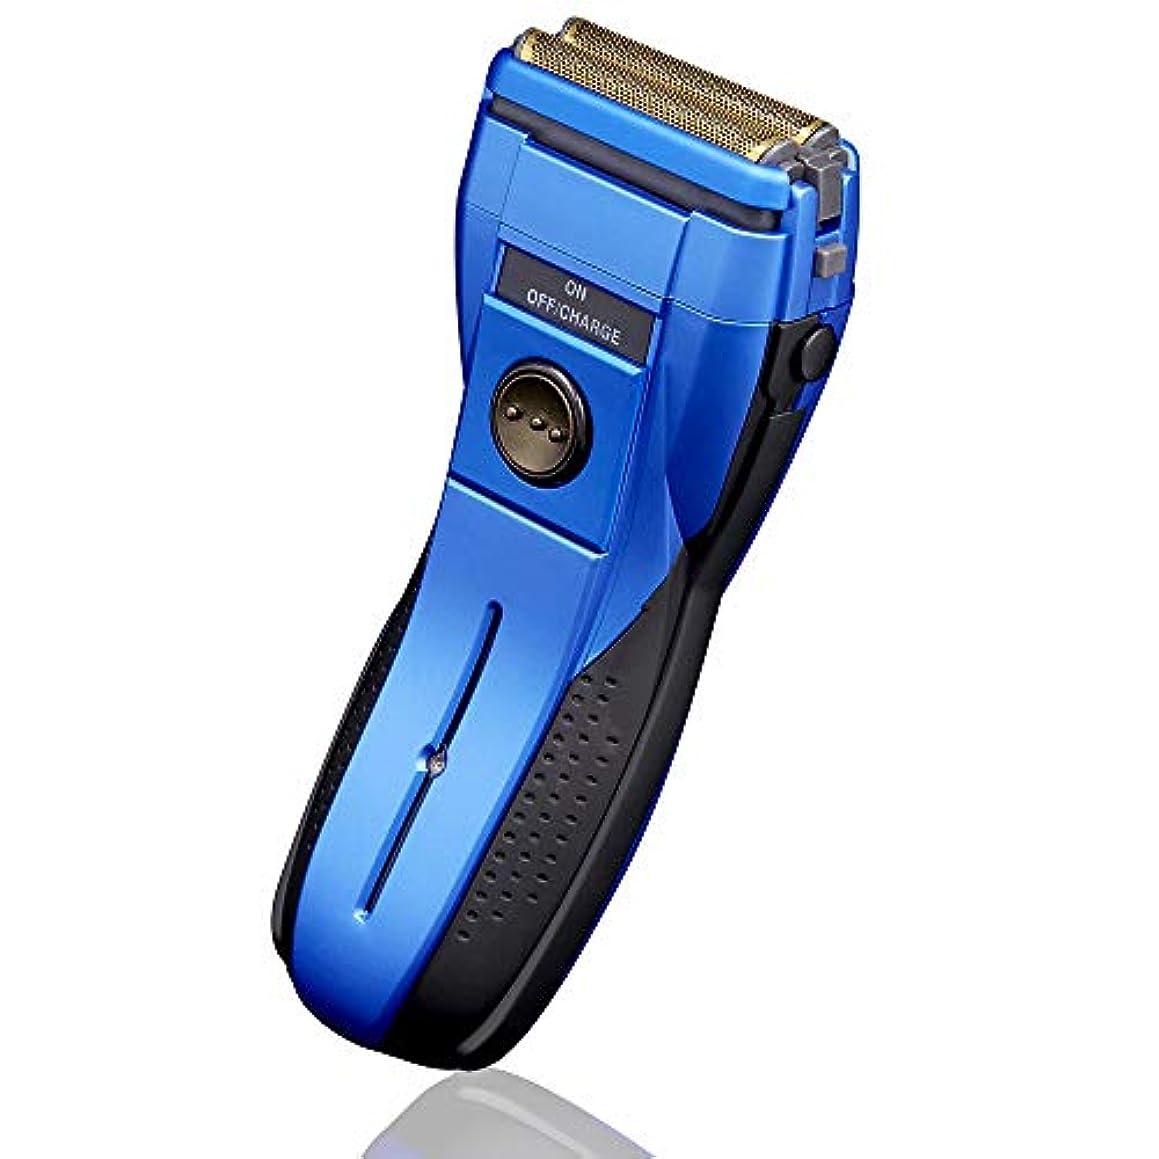 いつでも乏しいの間で電気シェーバー 2枚刃 髭剃り メンズシェーバー 替え刃付属付き 水洗い対応 ウォッシャブル 充電式 独立フローティング2枚刃 (Blue)